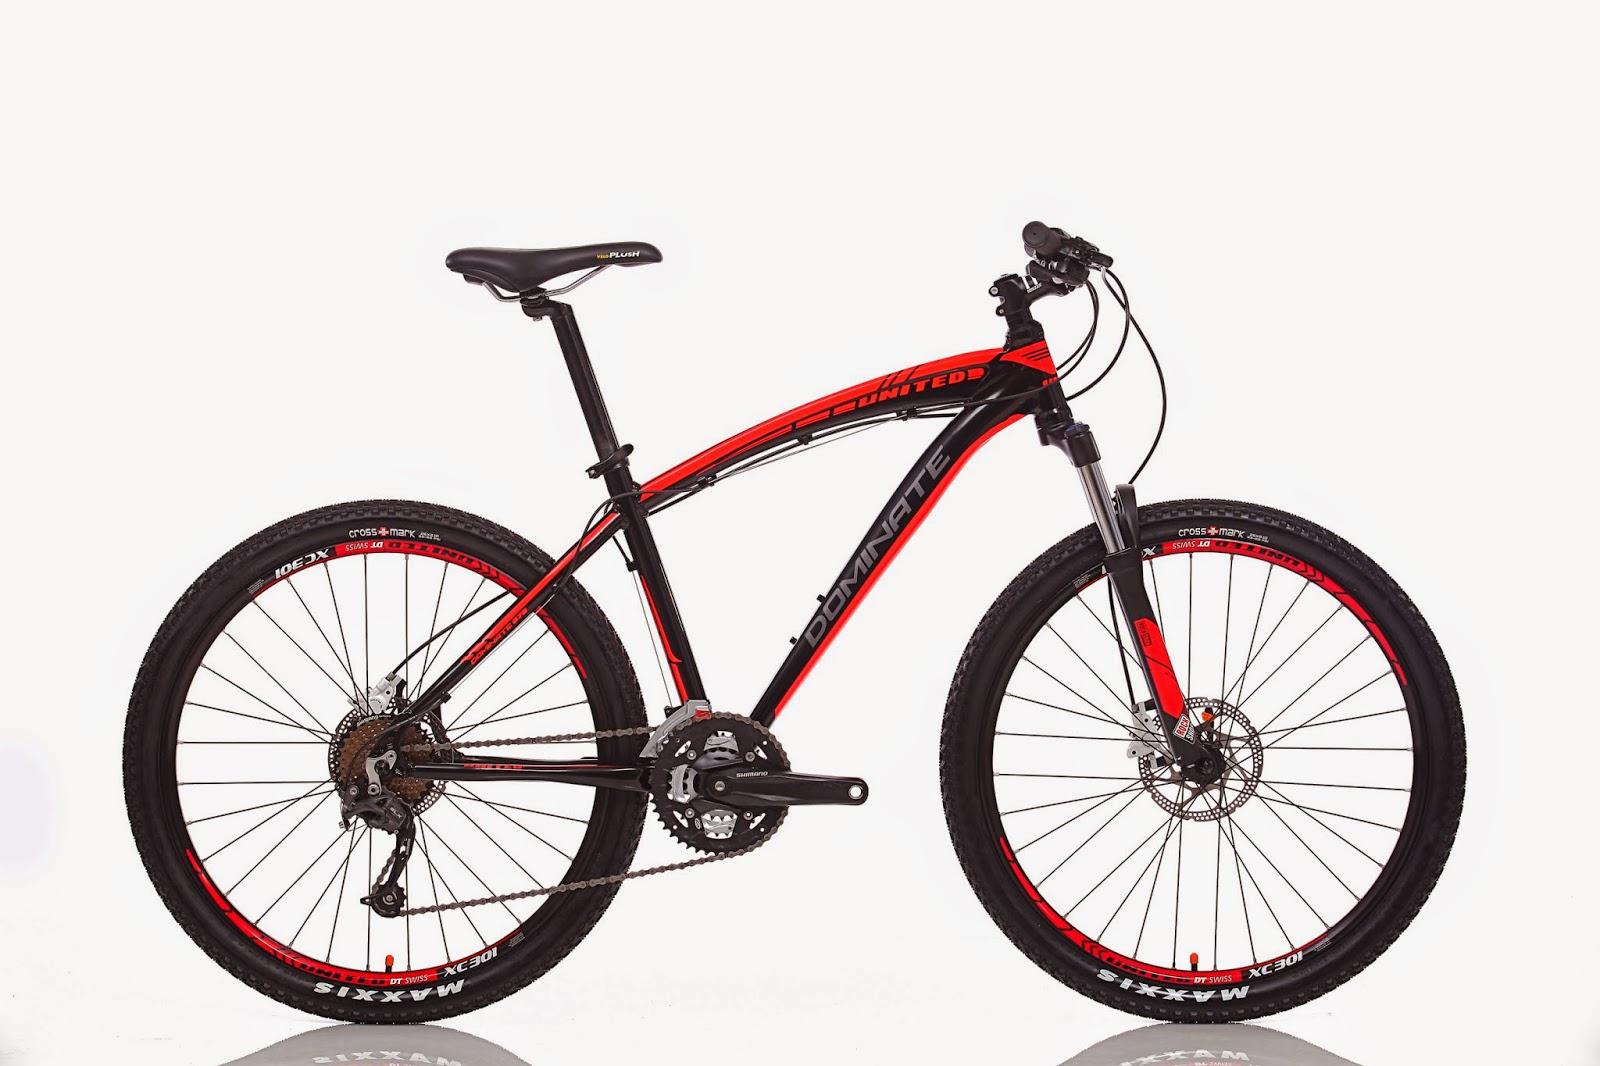 Harga Sepeda Gunung United Terbaru